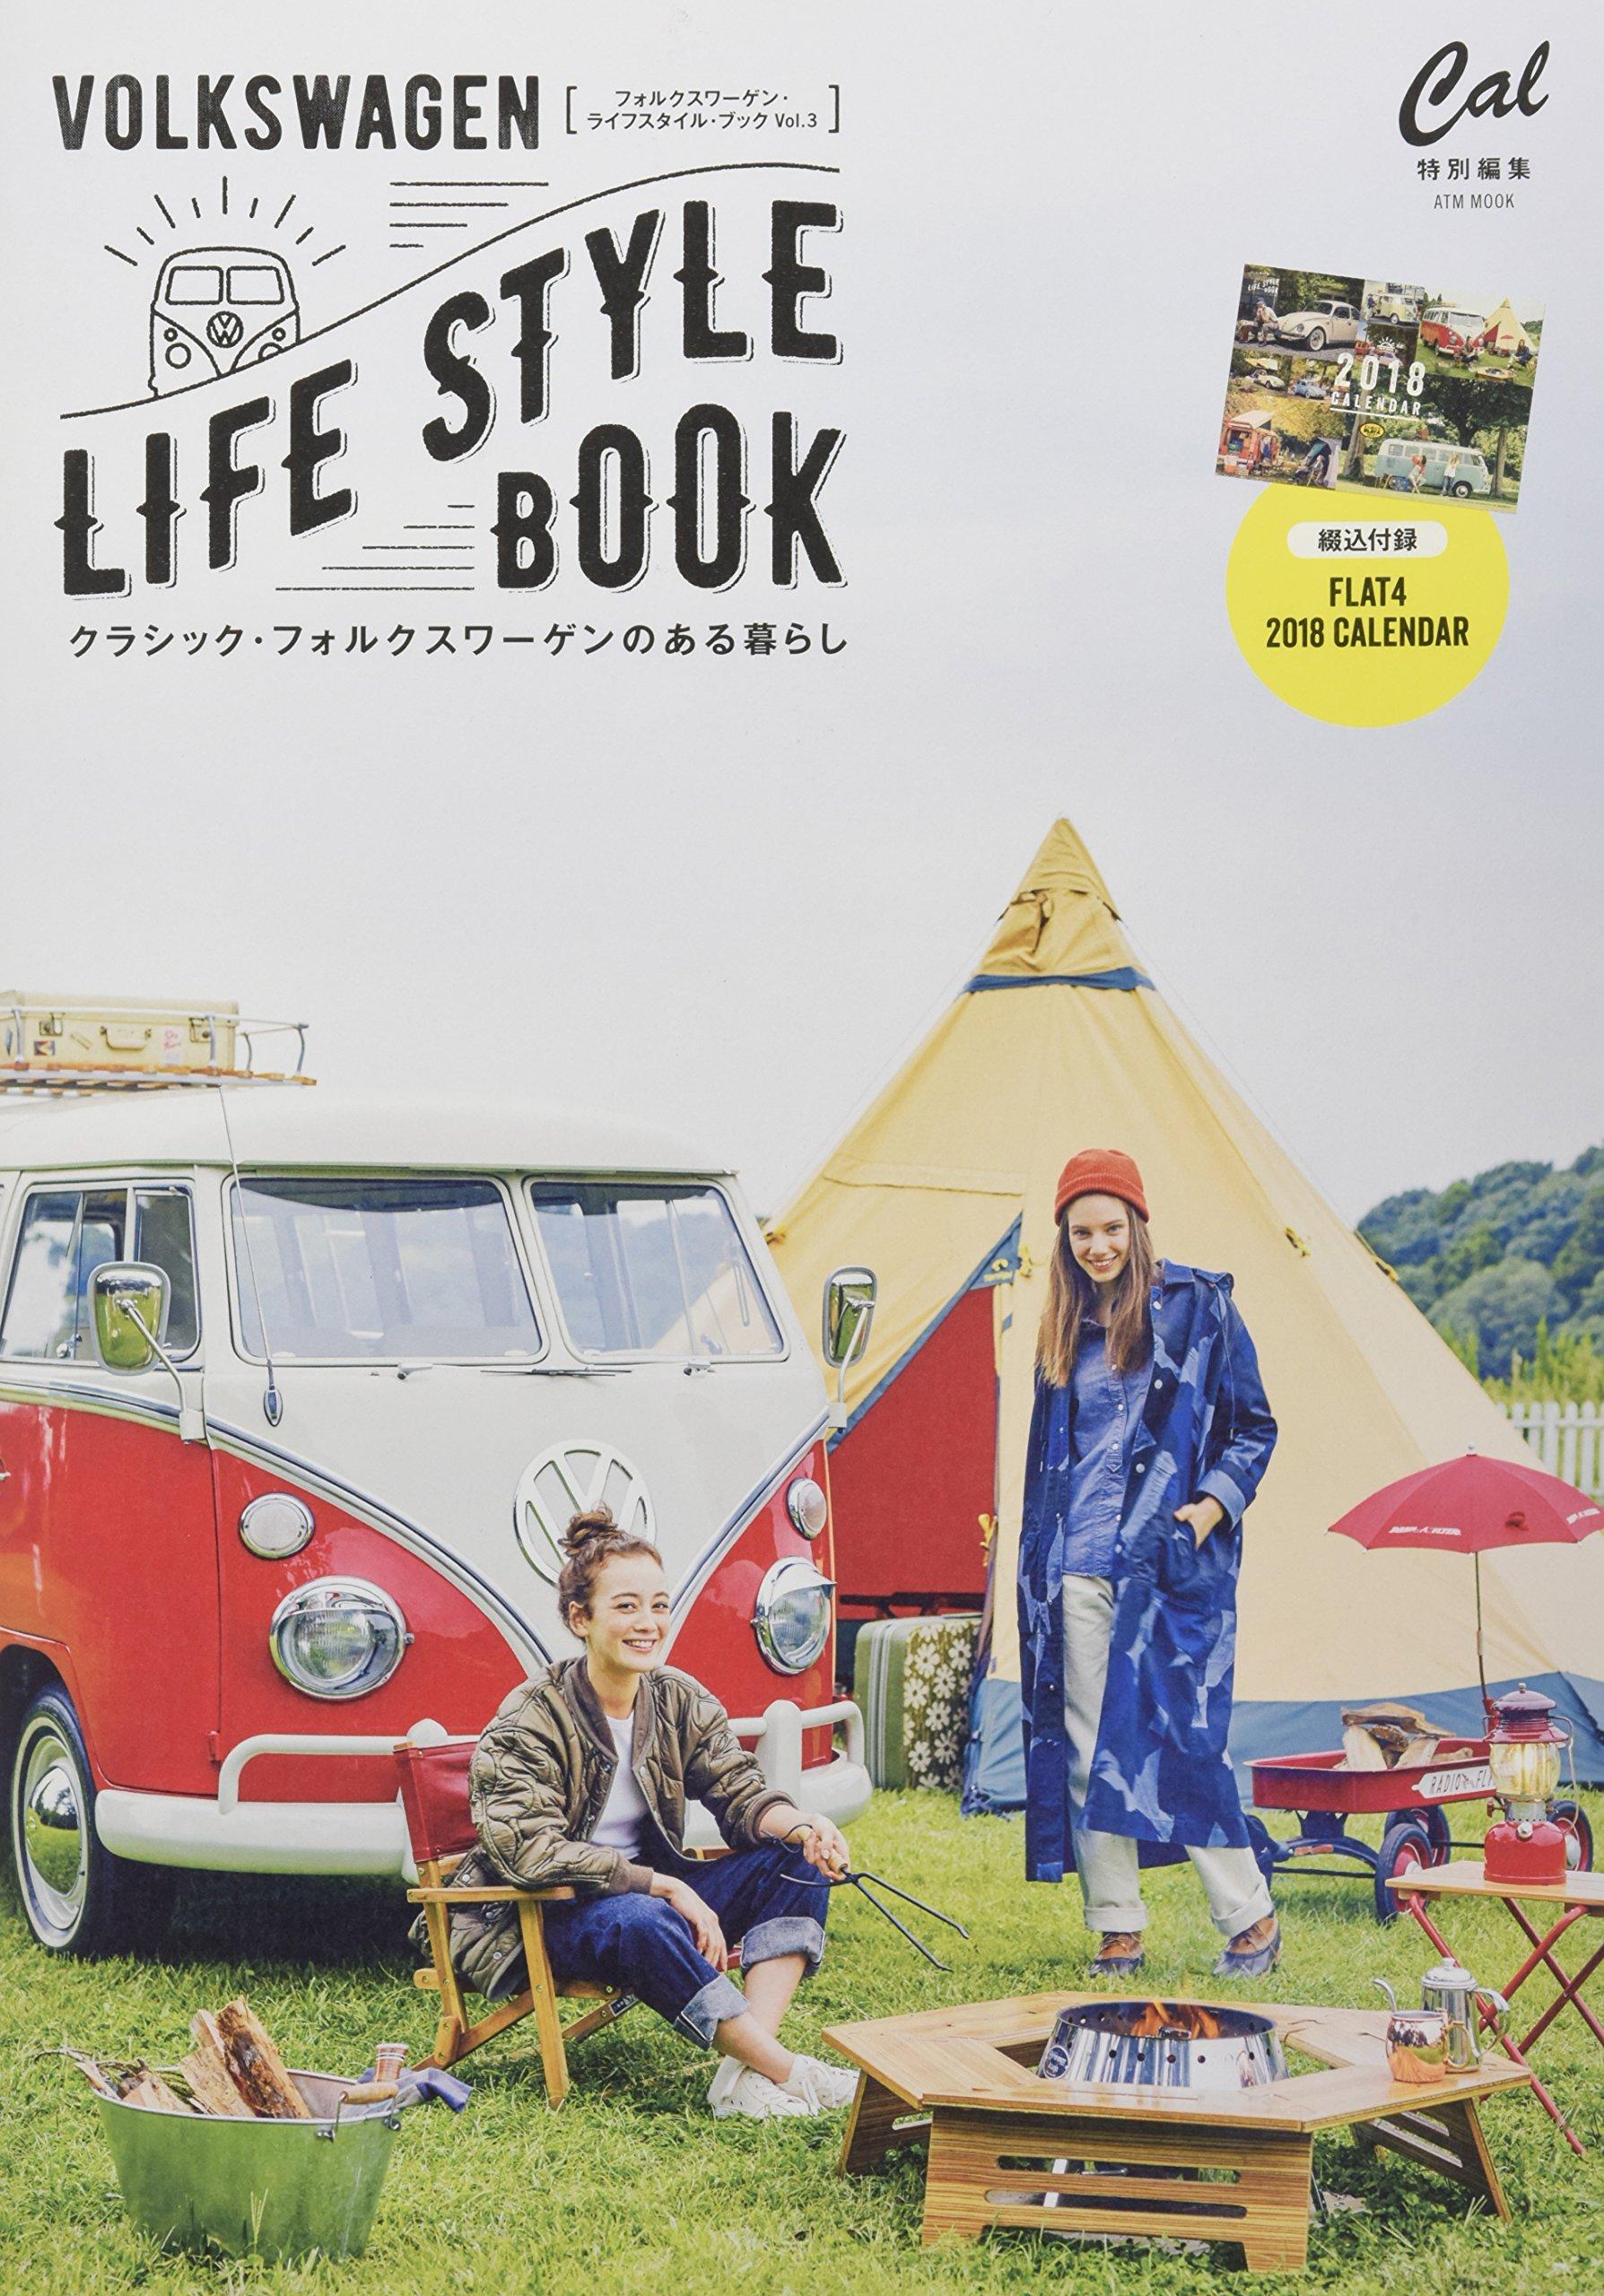 「フォルクスワーゲン・ライフスタイル・ブック Vol.3」(徳間書店)